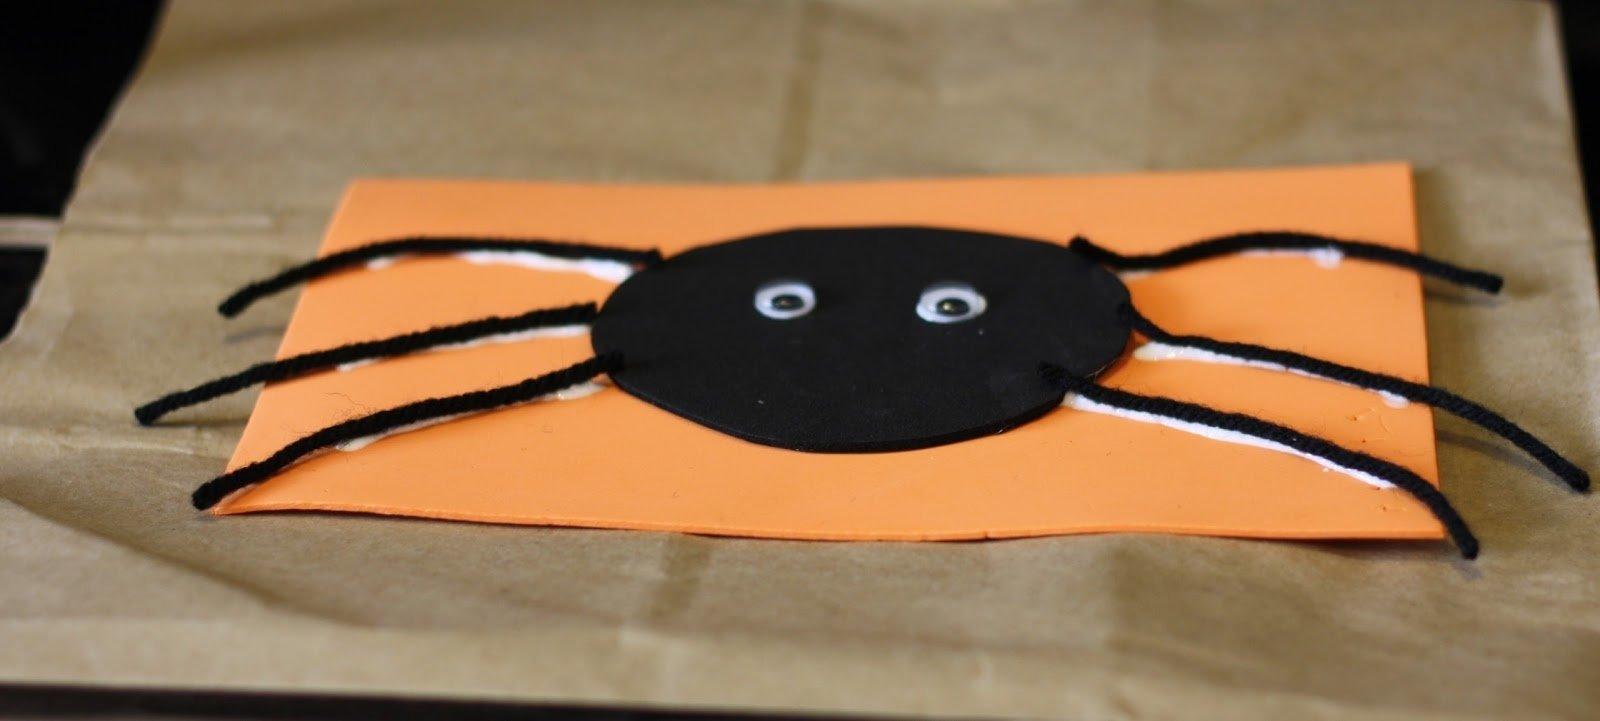 10 Elegant Halloween Craft Ideas For Preschoolers 31 easy halloween crafts for preschoolers thriving home 2 2021